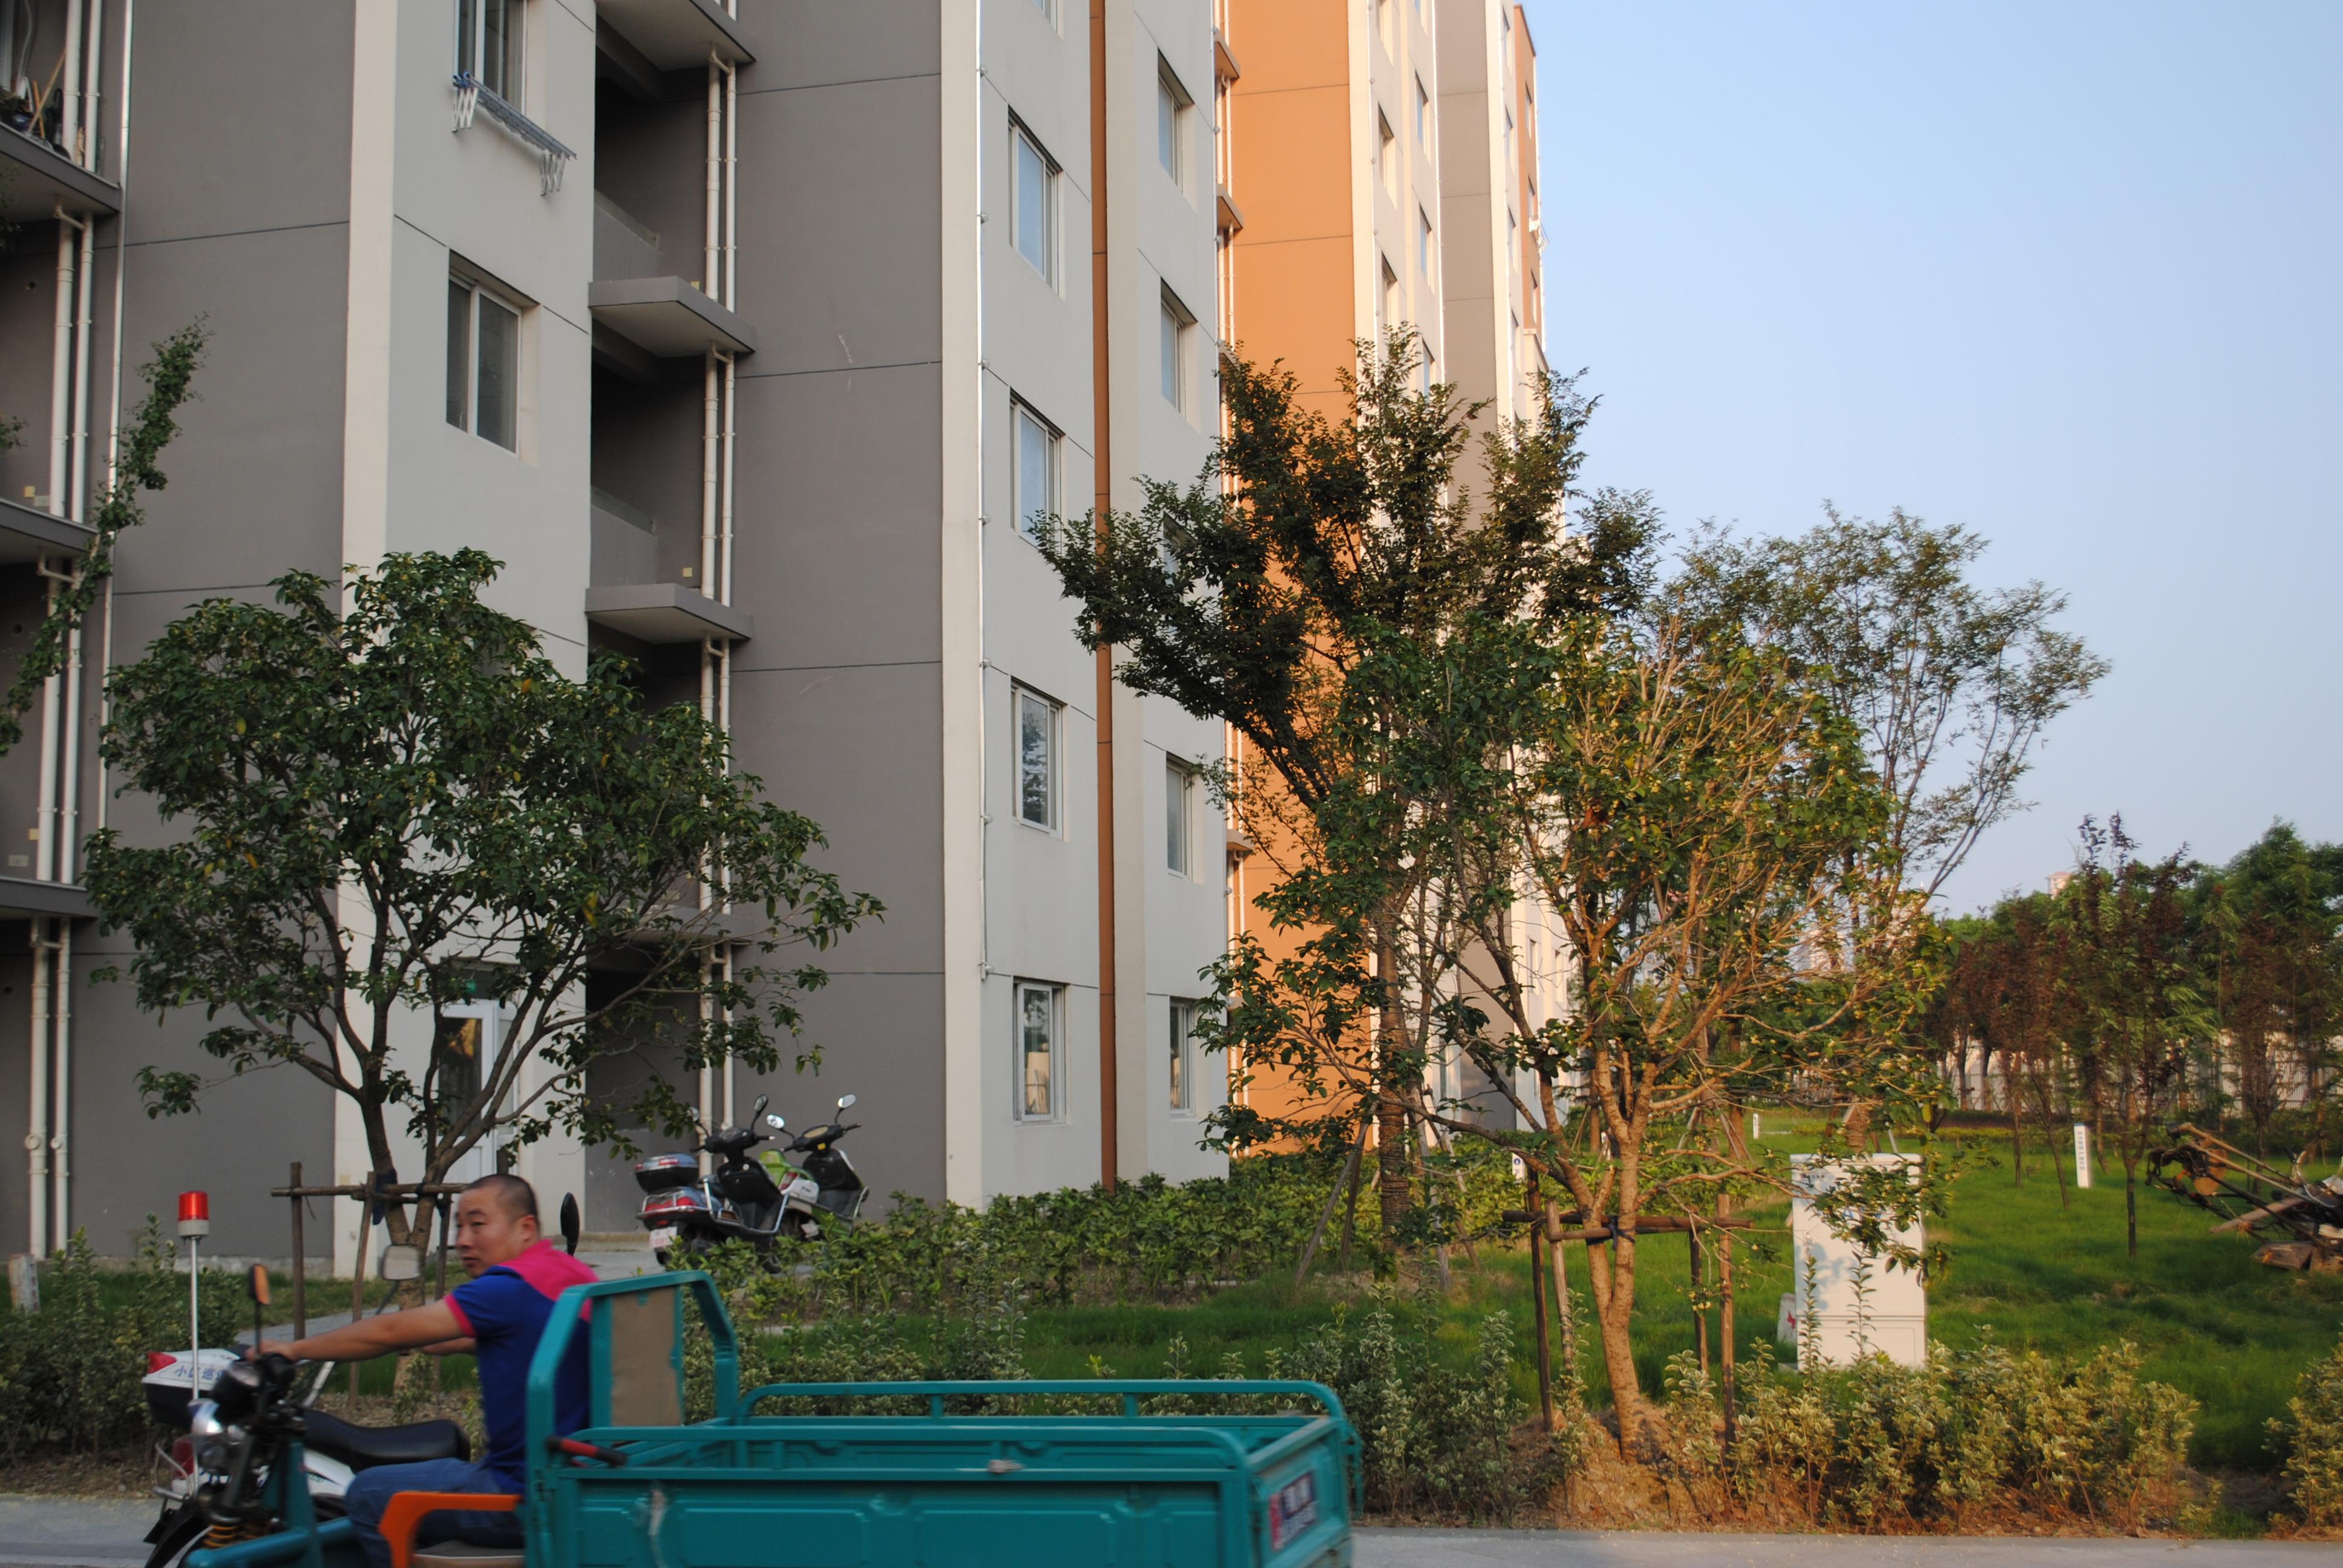 %湖滨华城 富贵苑 中间楼层85平米仅售105万